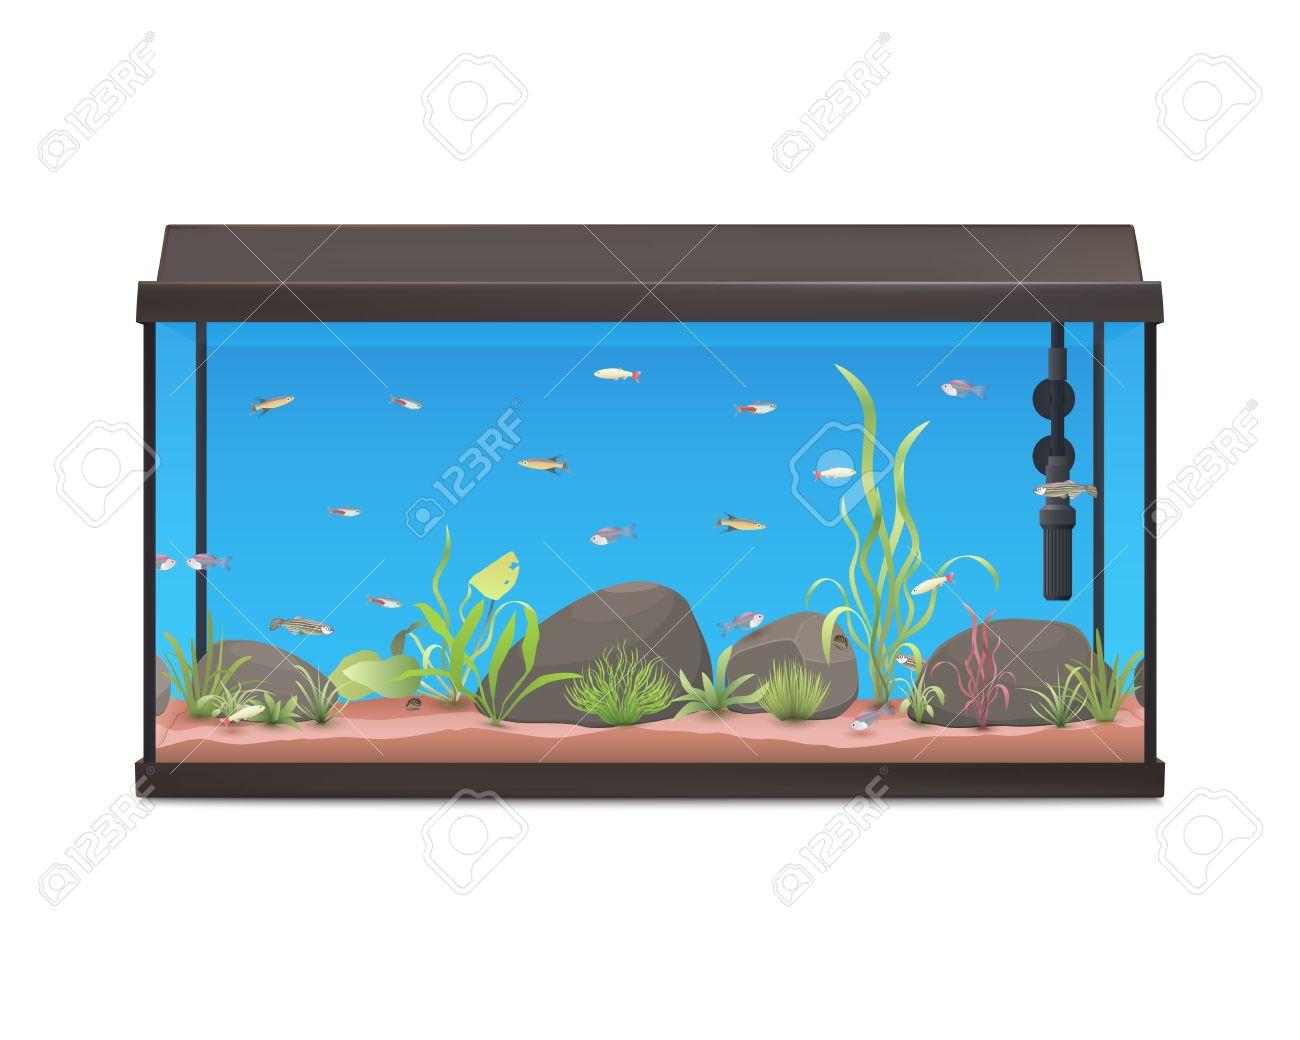 Fish Aquarium Clipart.